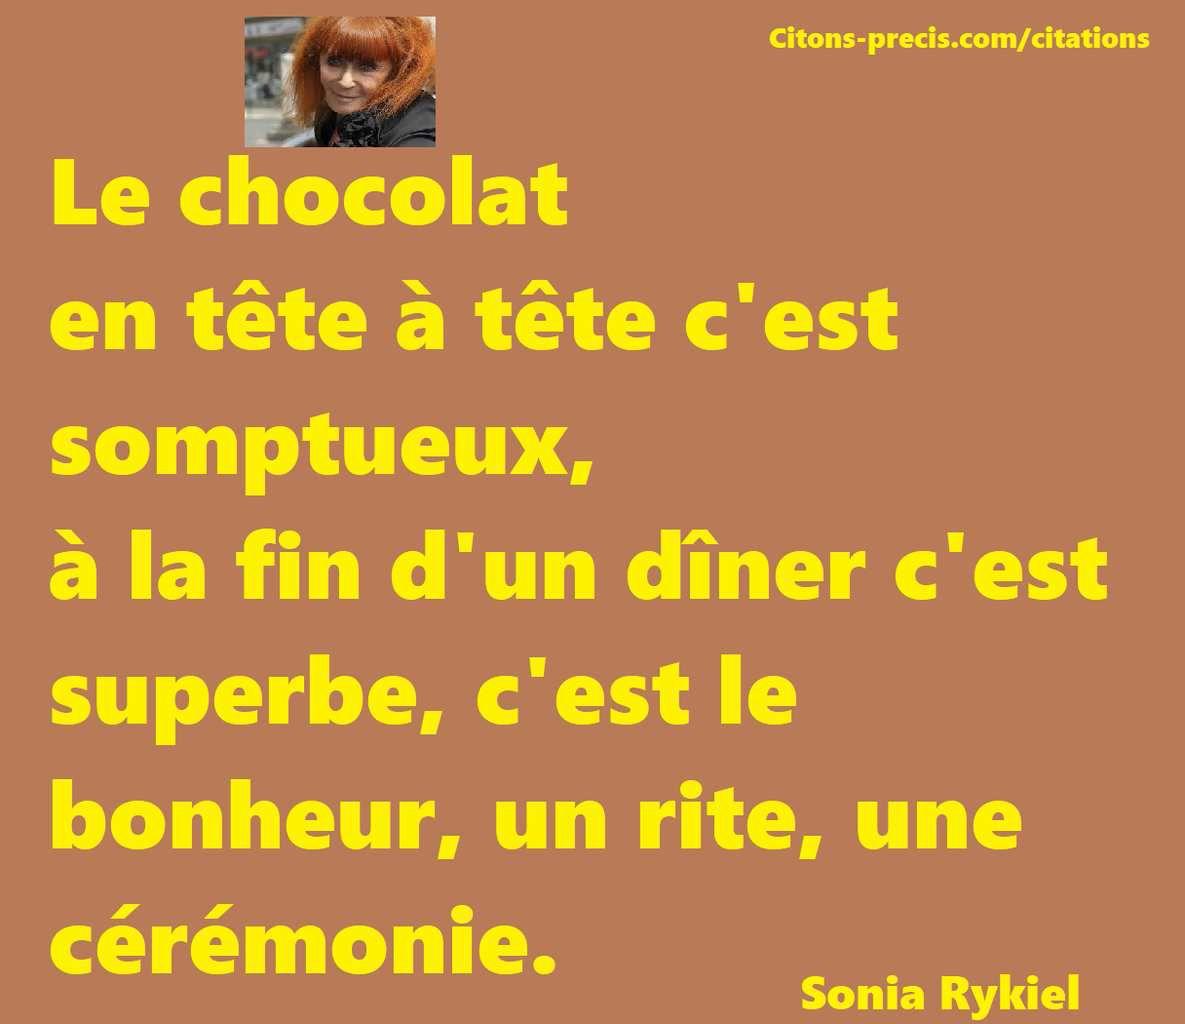 """"""" Le chocolat en tête à tête c'est somptueux, à la fin d'un dîner c'est superbe, c'est le bonheur, un rite, une cérémonie. (Sonia Rykiel)"""